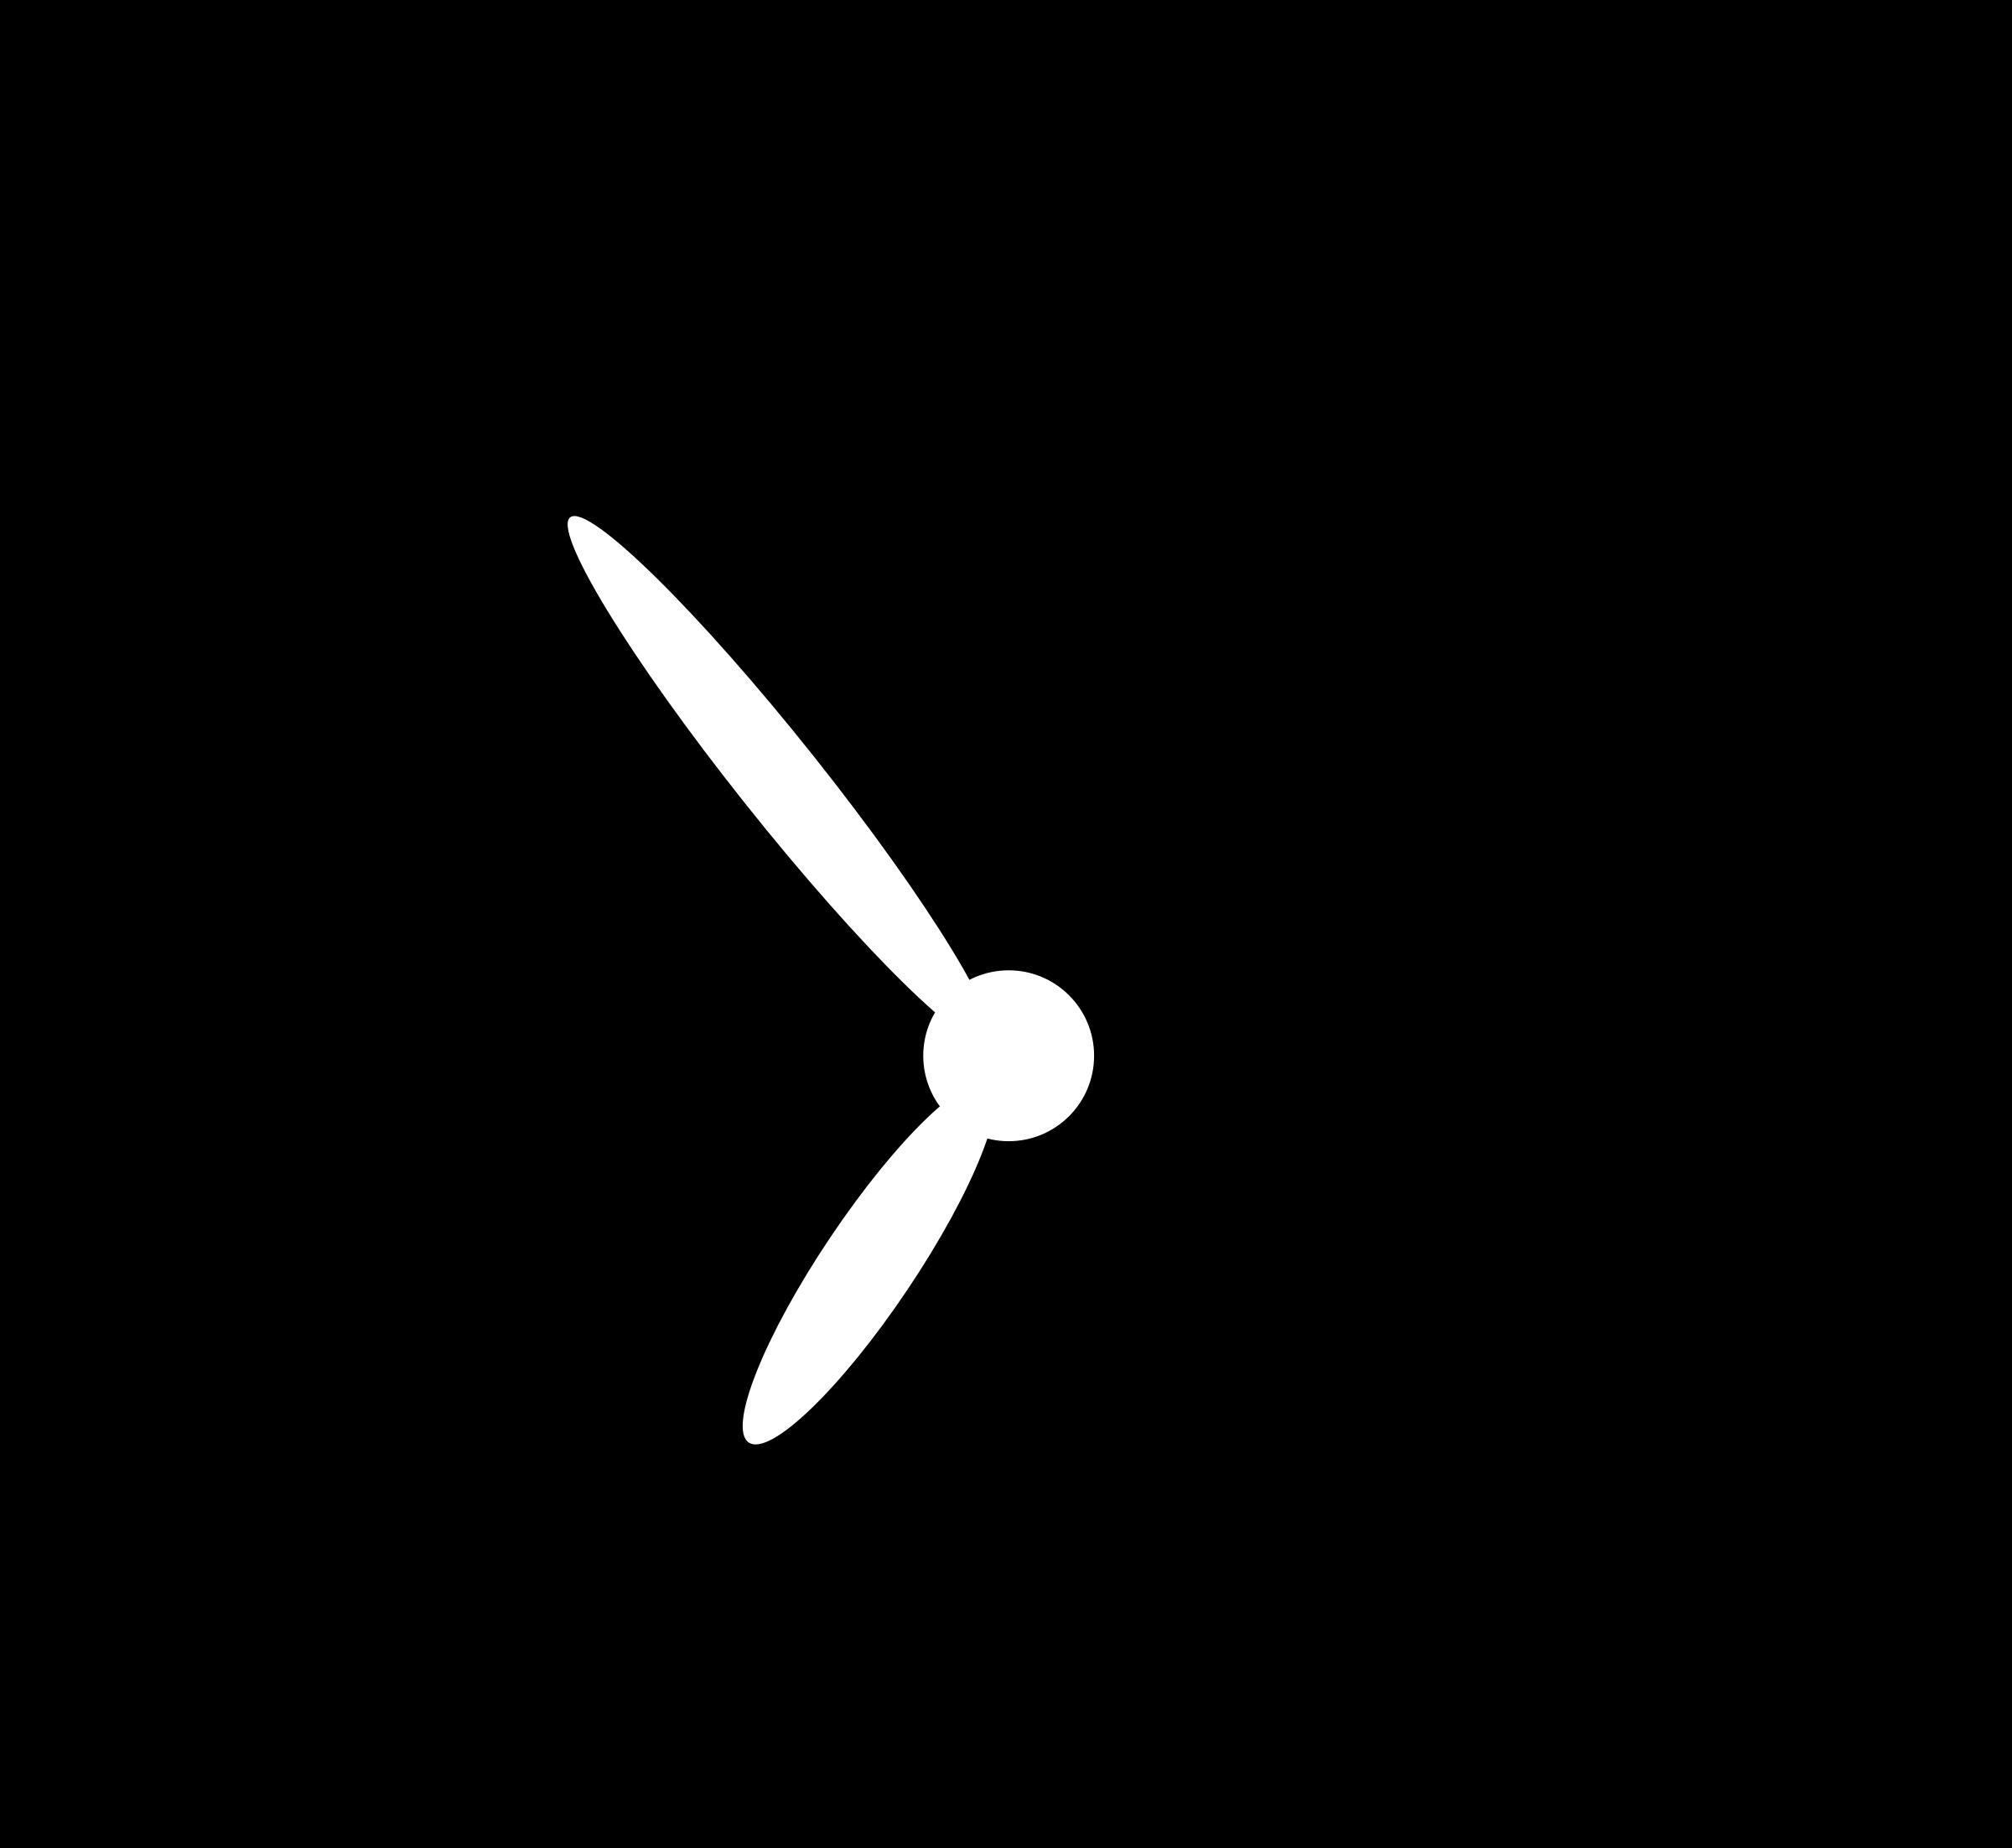 Clocks clipart back. Alarm clock big image